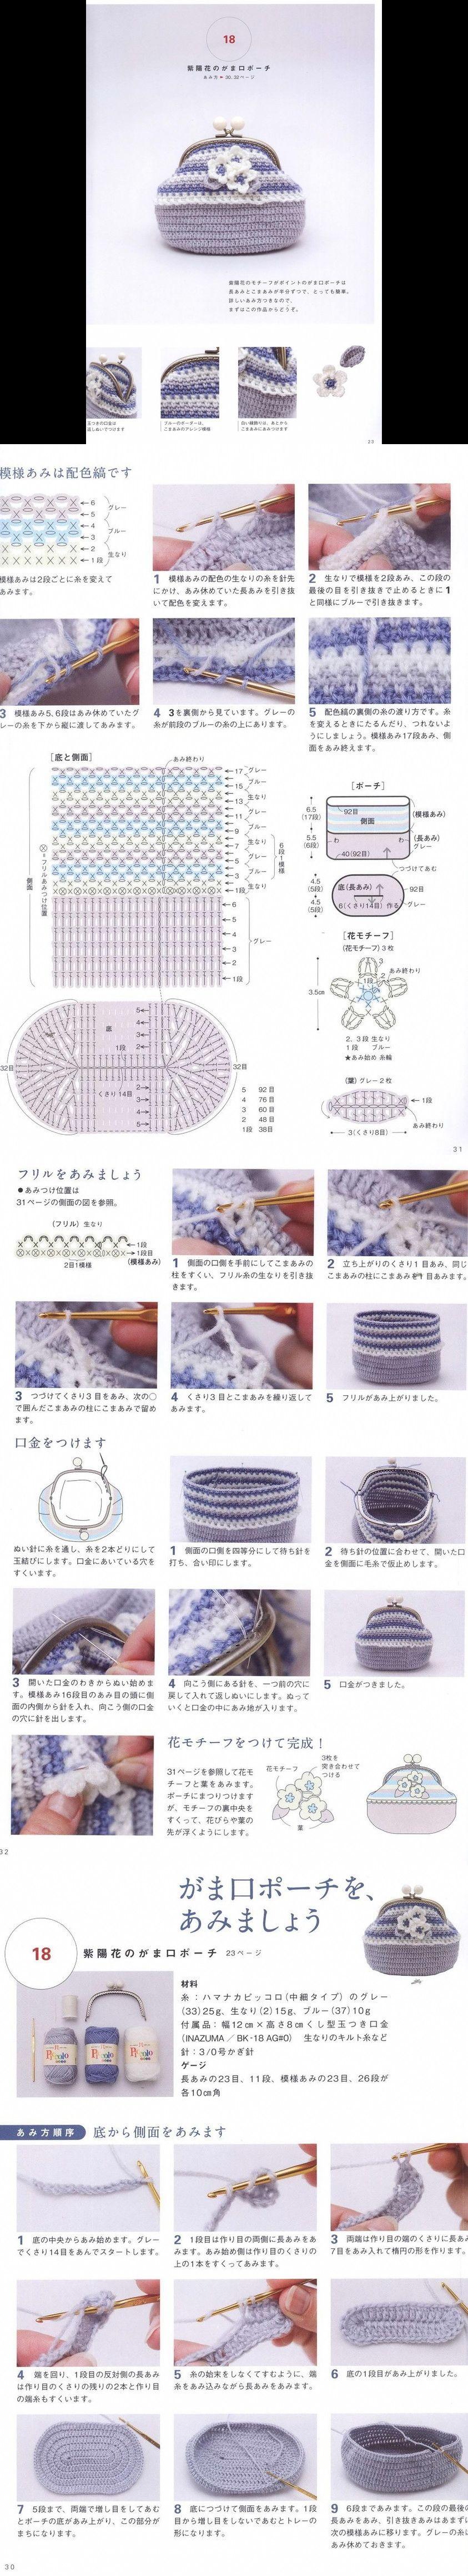 Pin von Nokkapood Tato auf Crochet bags pattern | Pinterest ...